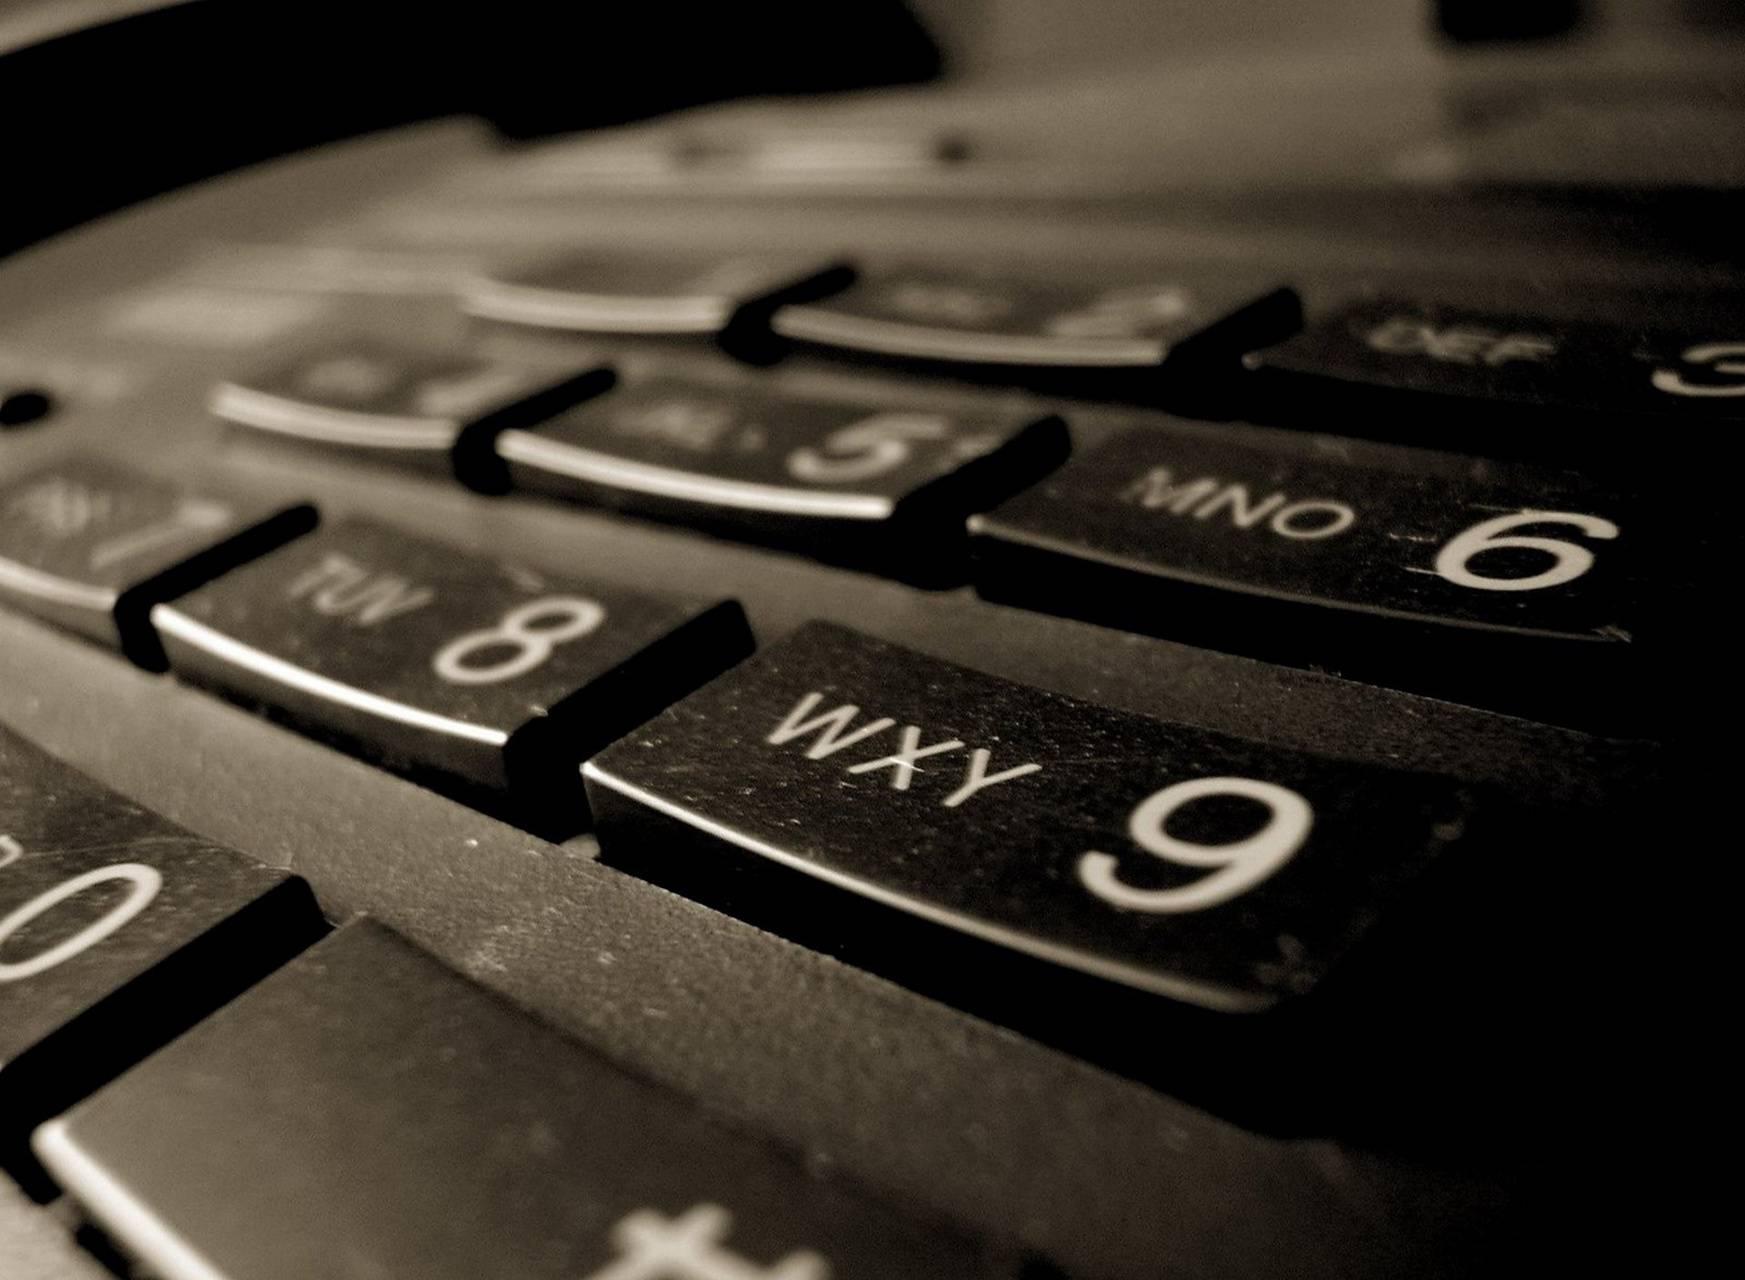 Keypad Hd